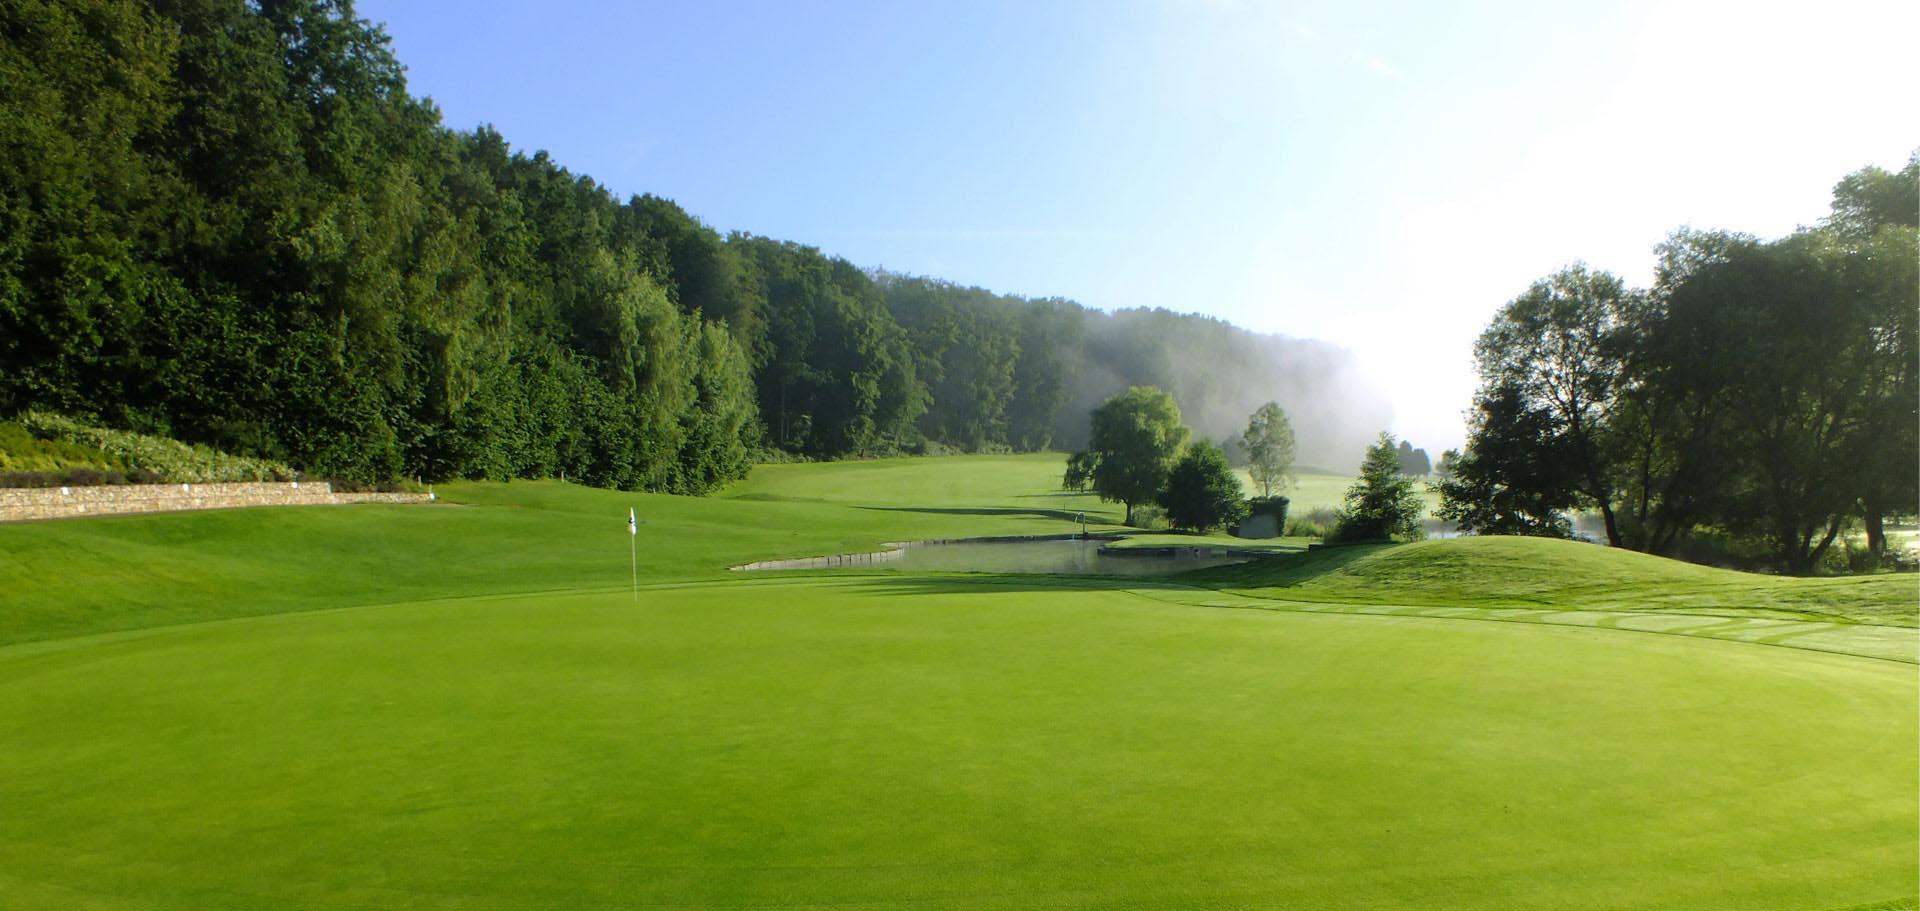 Overview of golf course named Erster Golfclub Westpfalz Schwarzbachtal e.V.